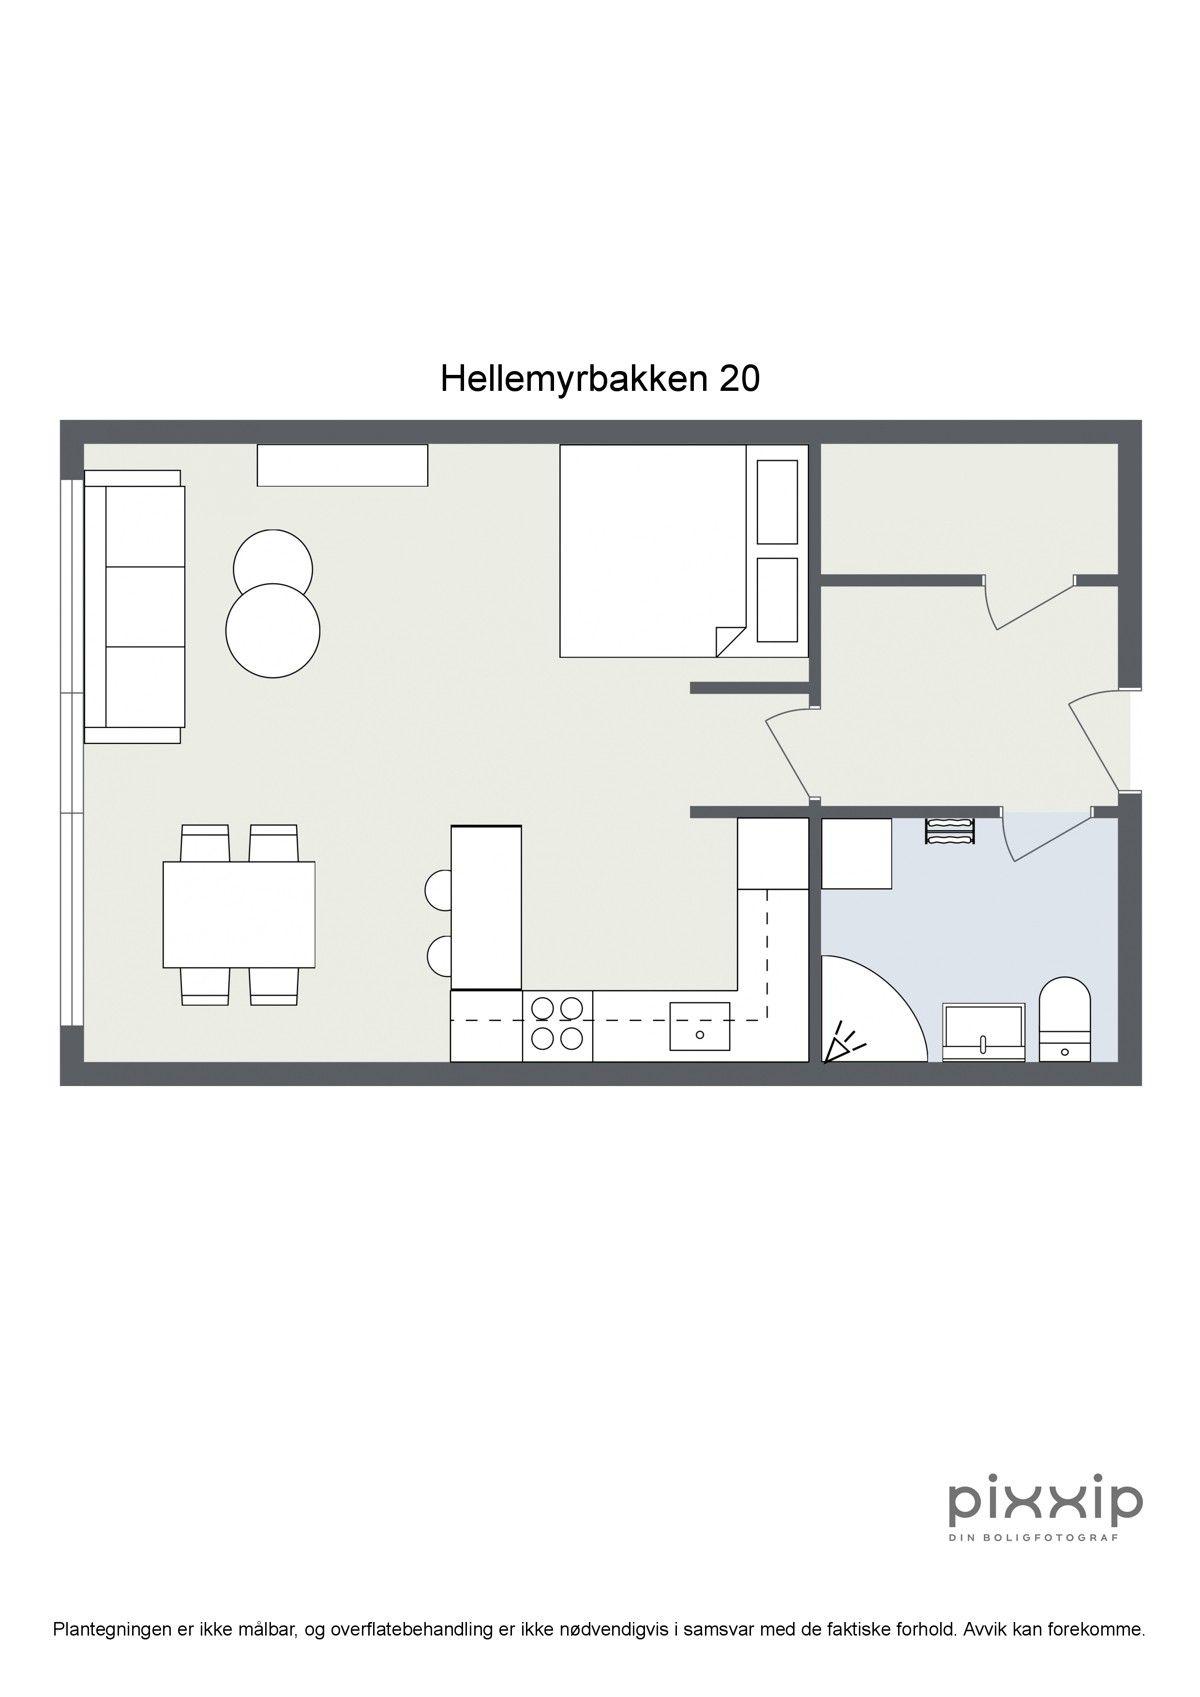 Hellemyrbakken 20, Kristiansand | Sørmegleren